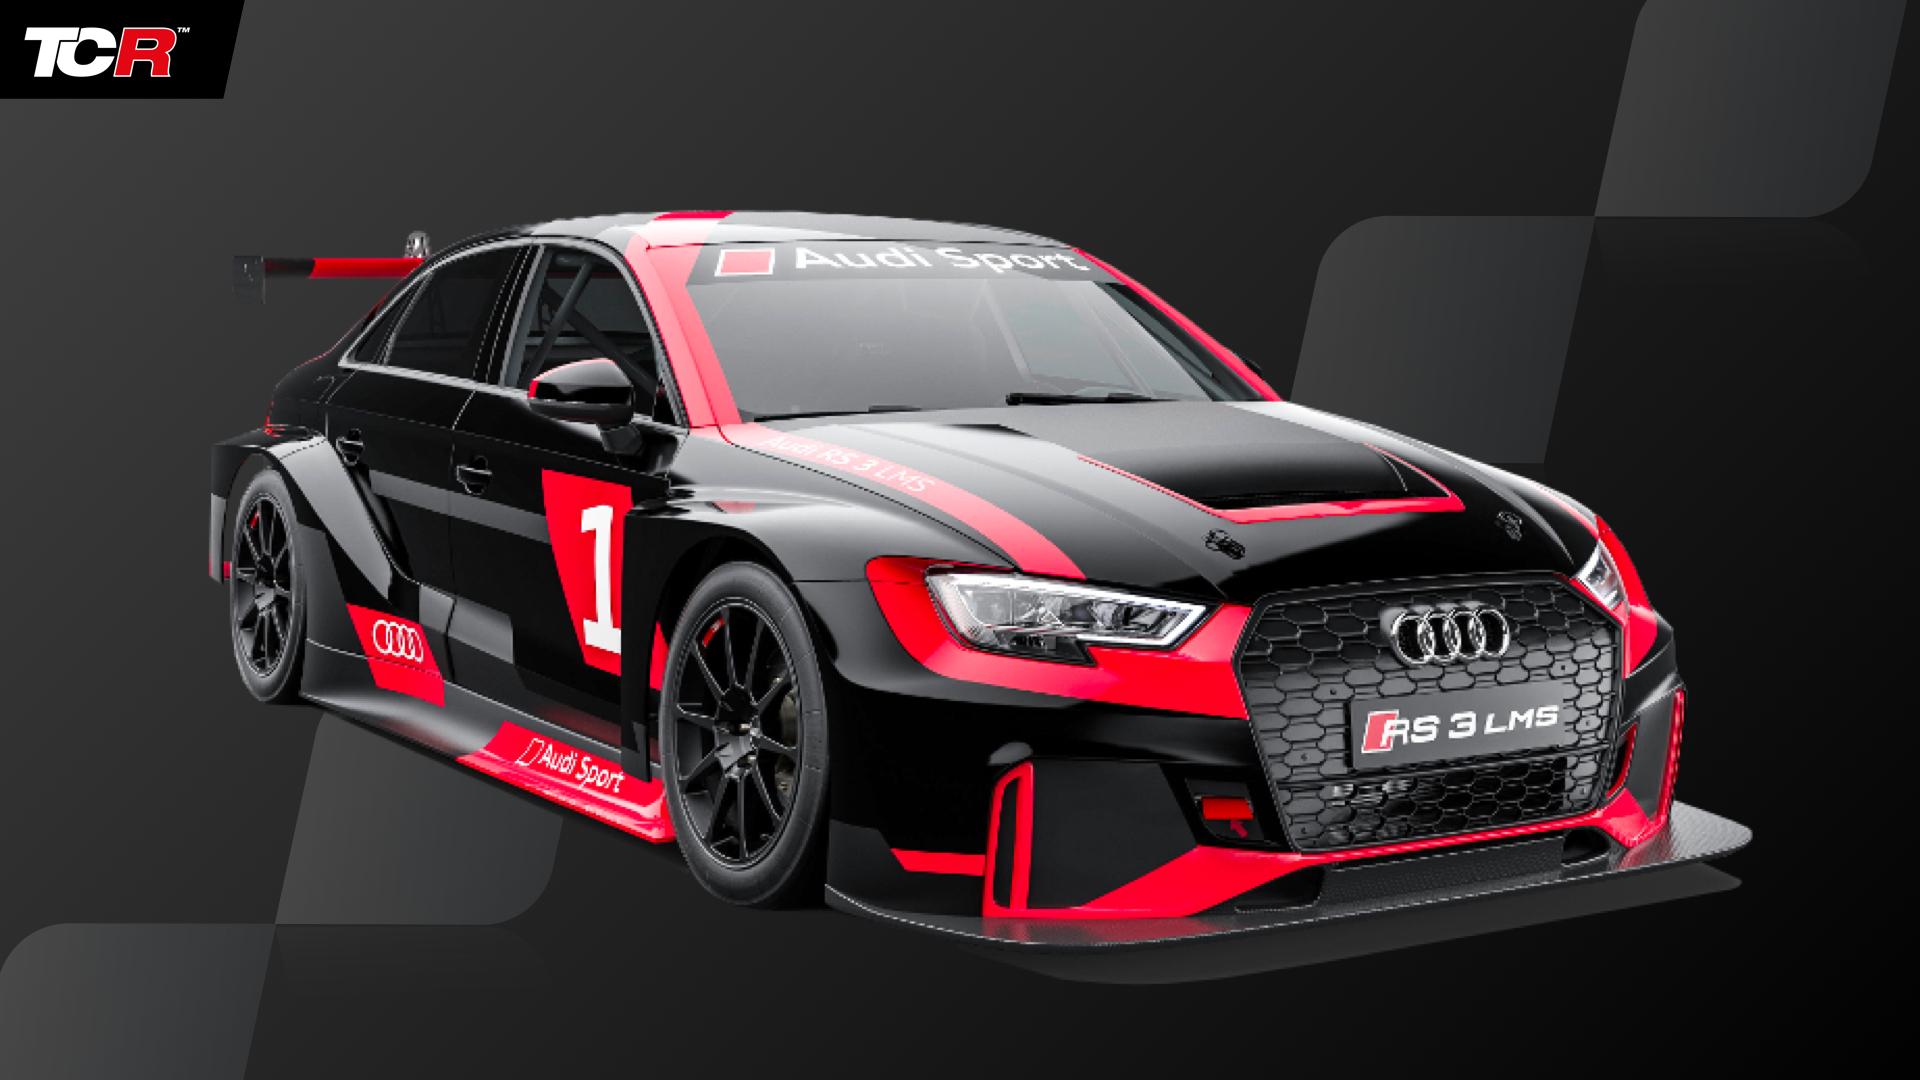 Audi RS 3 LMS SEQ - TCR HUB